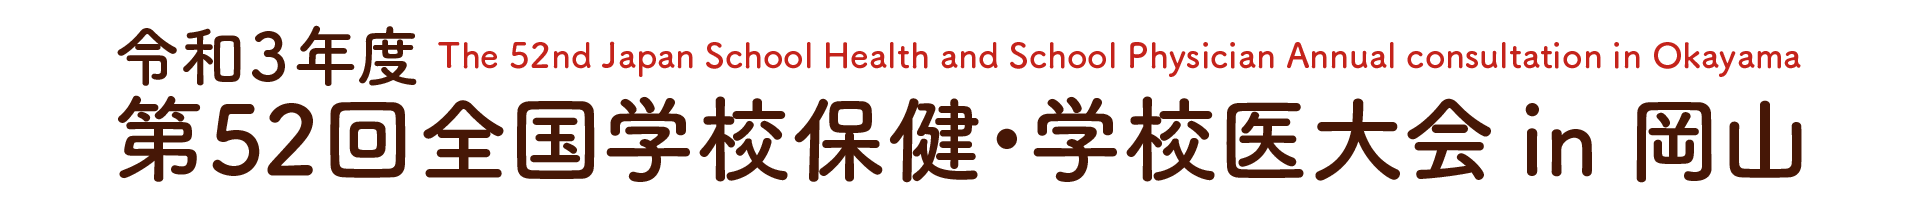 令和3年度第52回全国学校保健・学校医大会 in 岡山